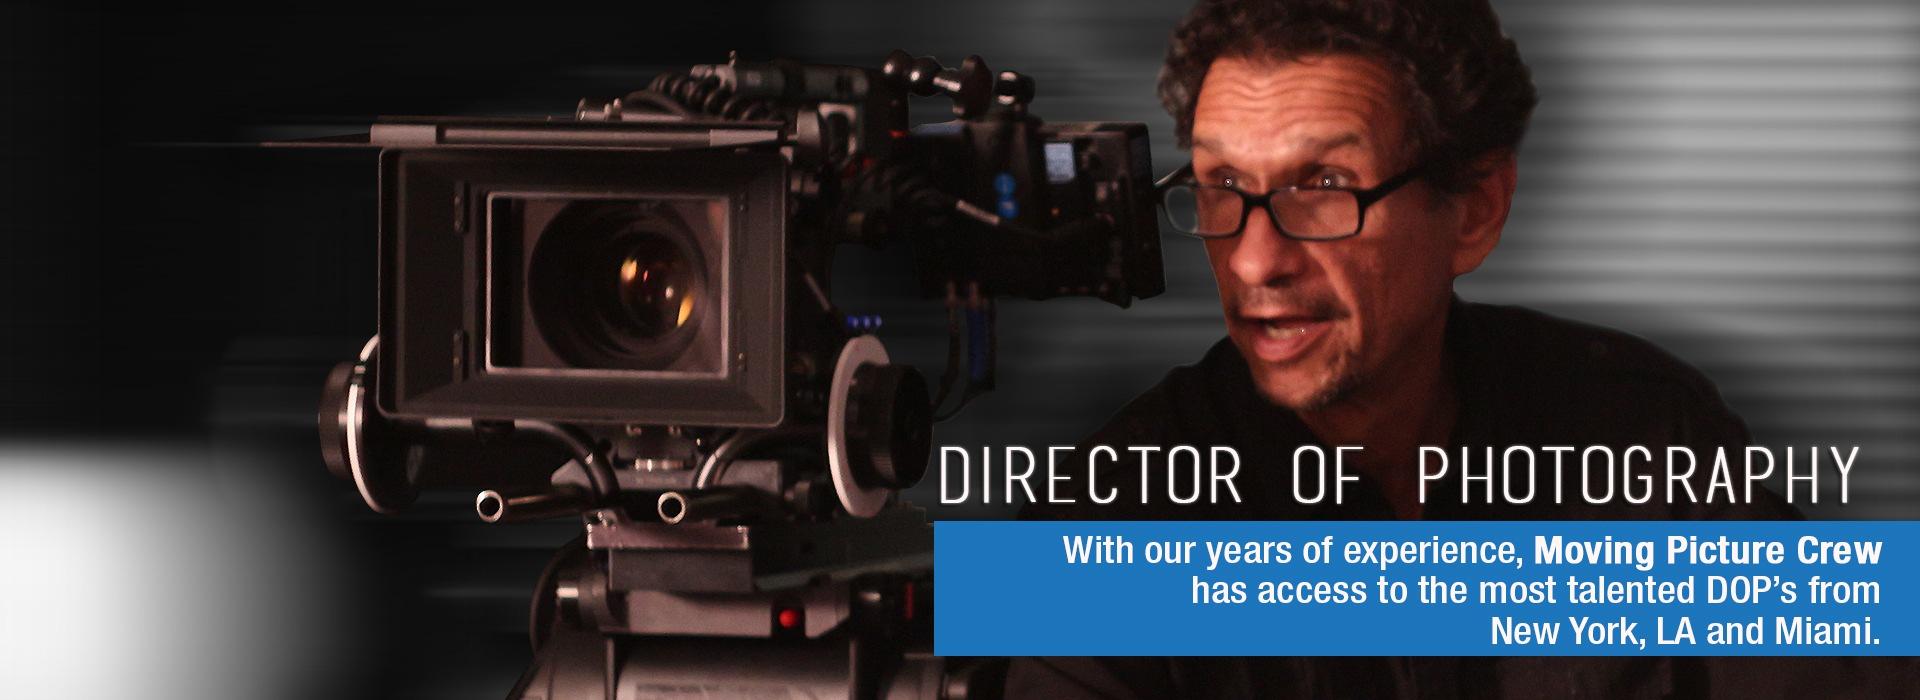 MPCrew-Banner-DirectorofPhotography